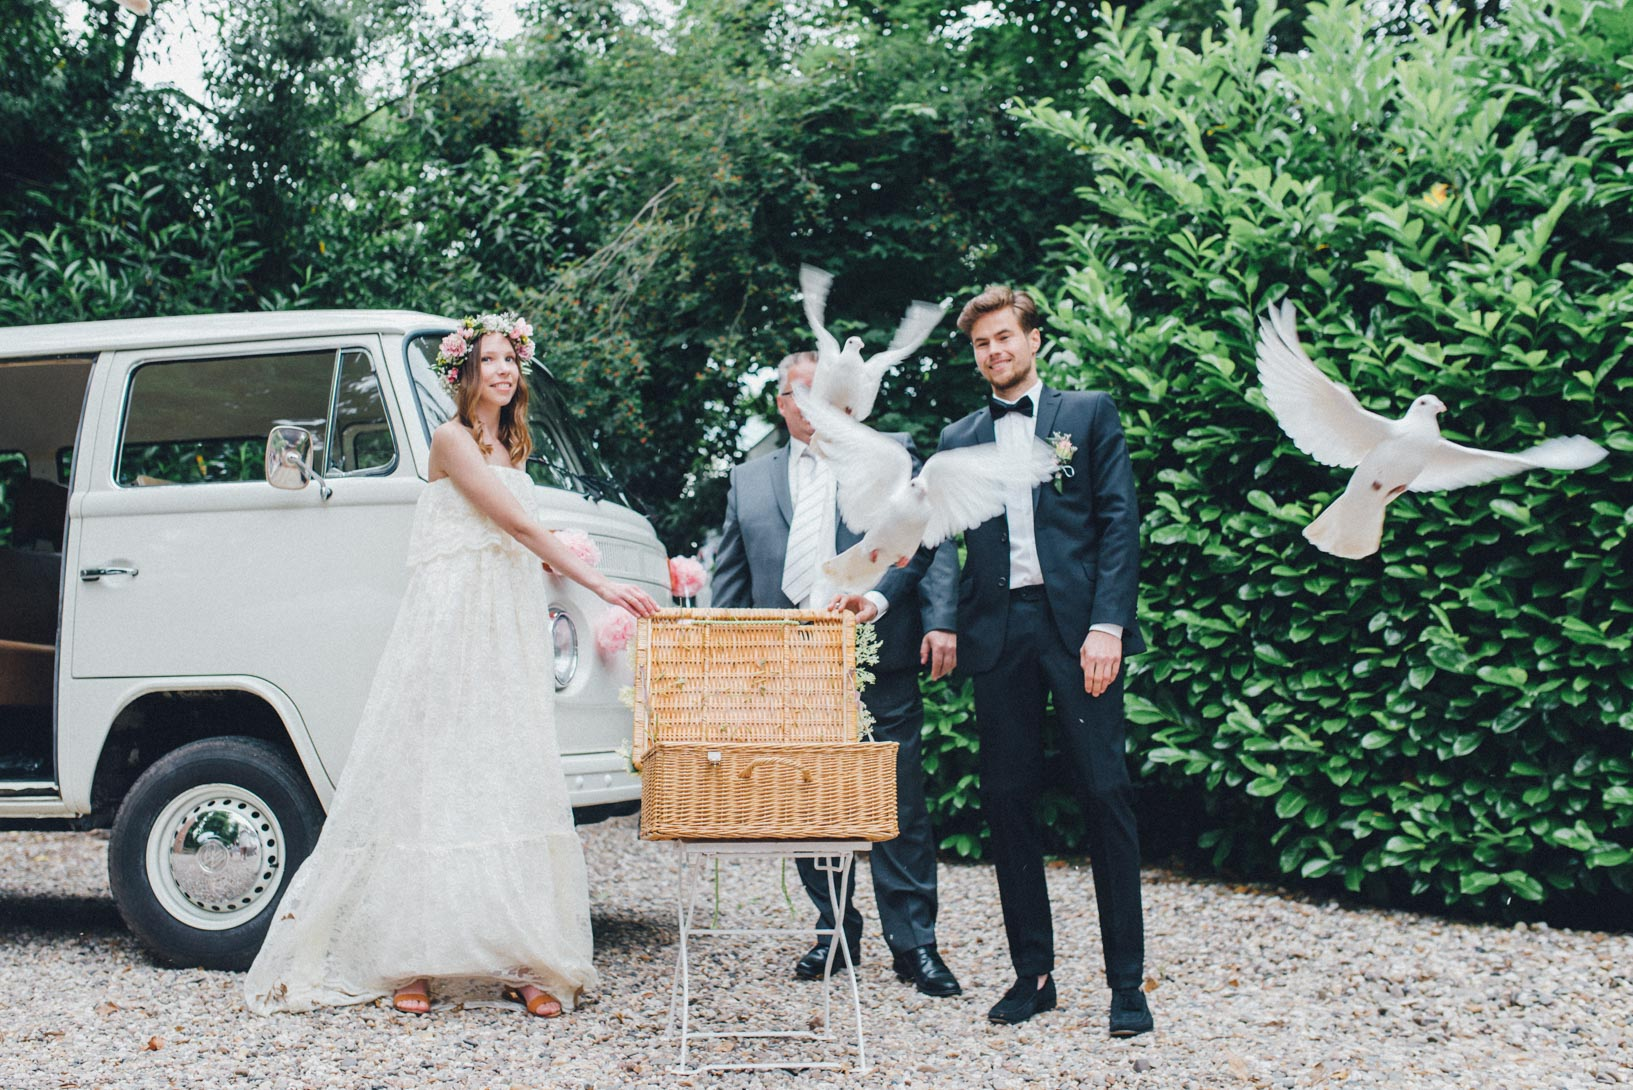 DIY-Hochzeit-gold-VW-Bully-70 Janet & Pierre DIY Midsummer-Wedding in Gold mit VW BulliDIY Hochzeit gold VW Bully 70